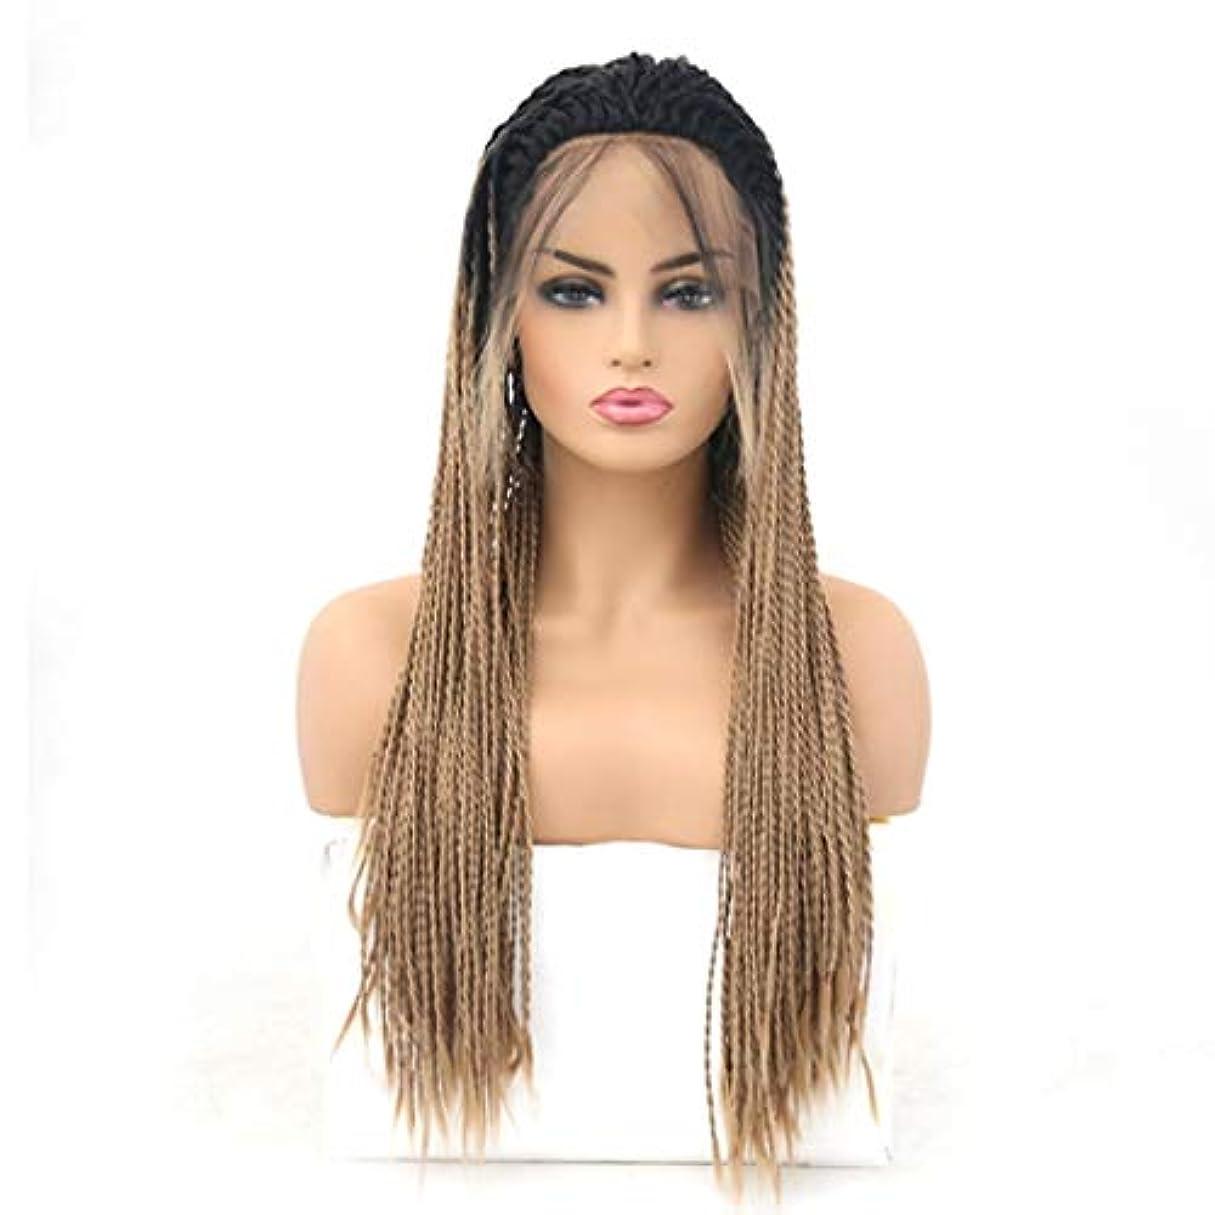 アフリカ熱心スナップKerwinner 女性のための前髪の毛髪のかつらとフロントレースグラデーションかつら耐熱合成かつら (Size : 26 inches)